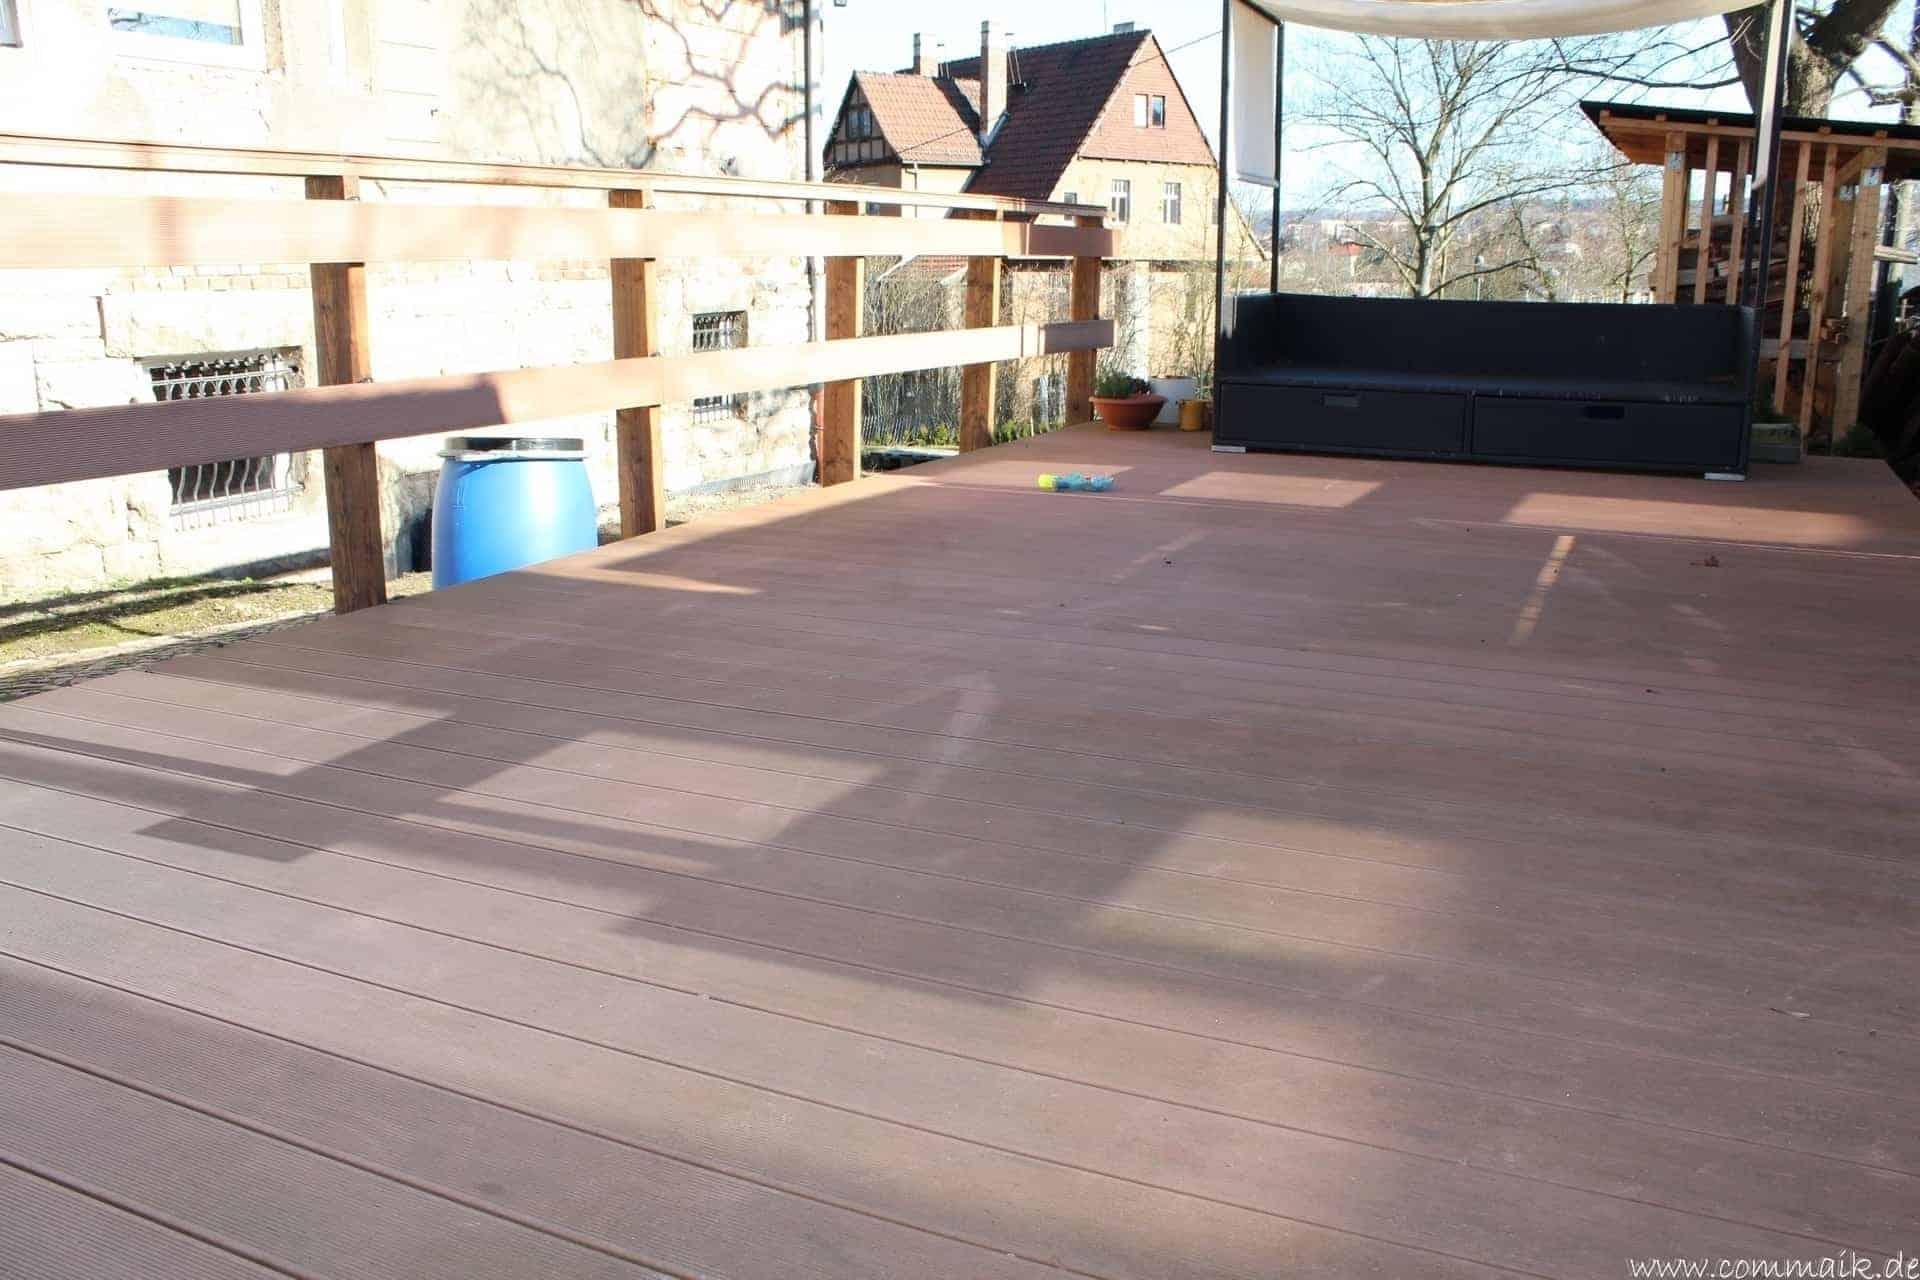 Wpc Terrasse Bauen version 2013 wpc terrasse bauen